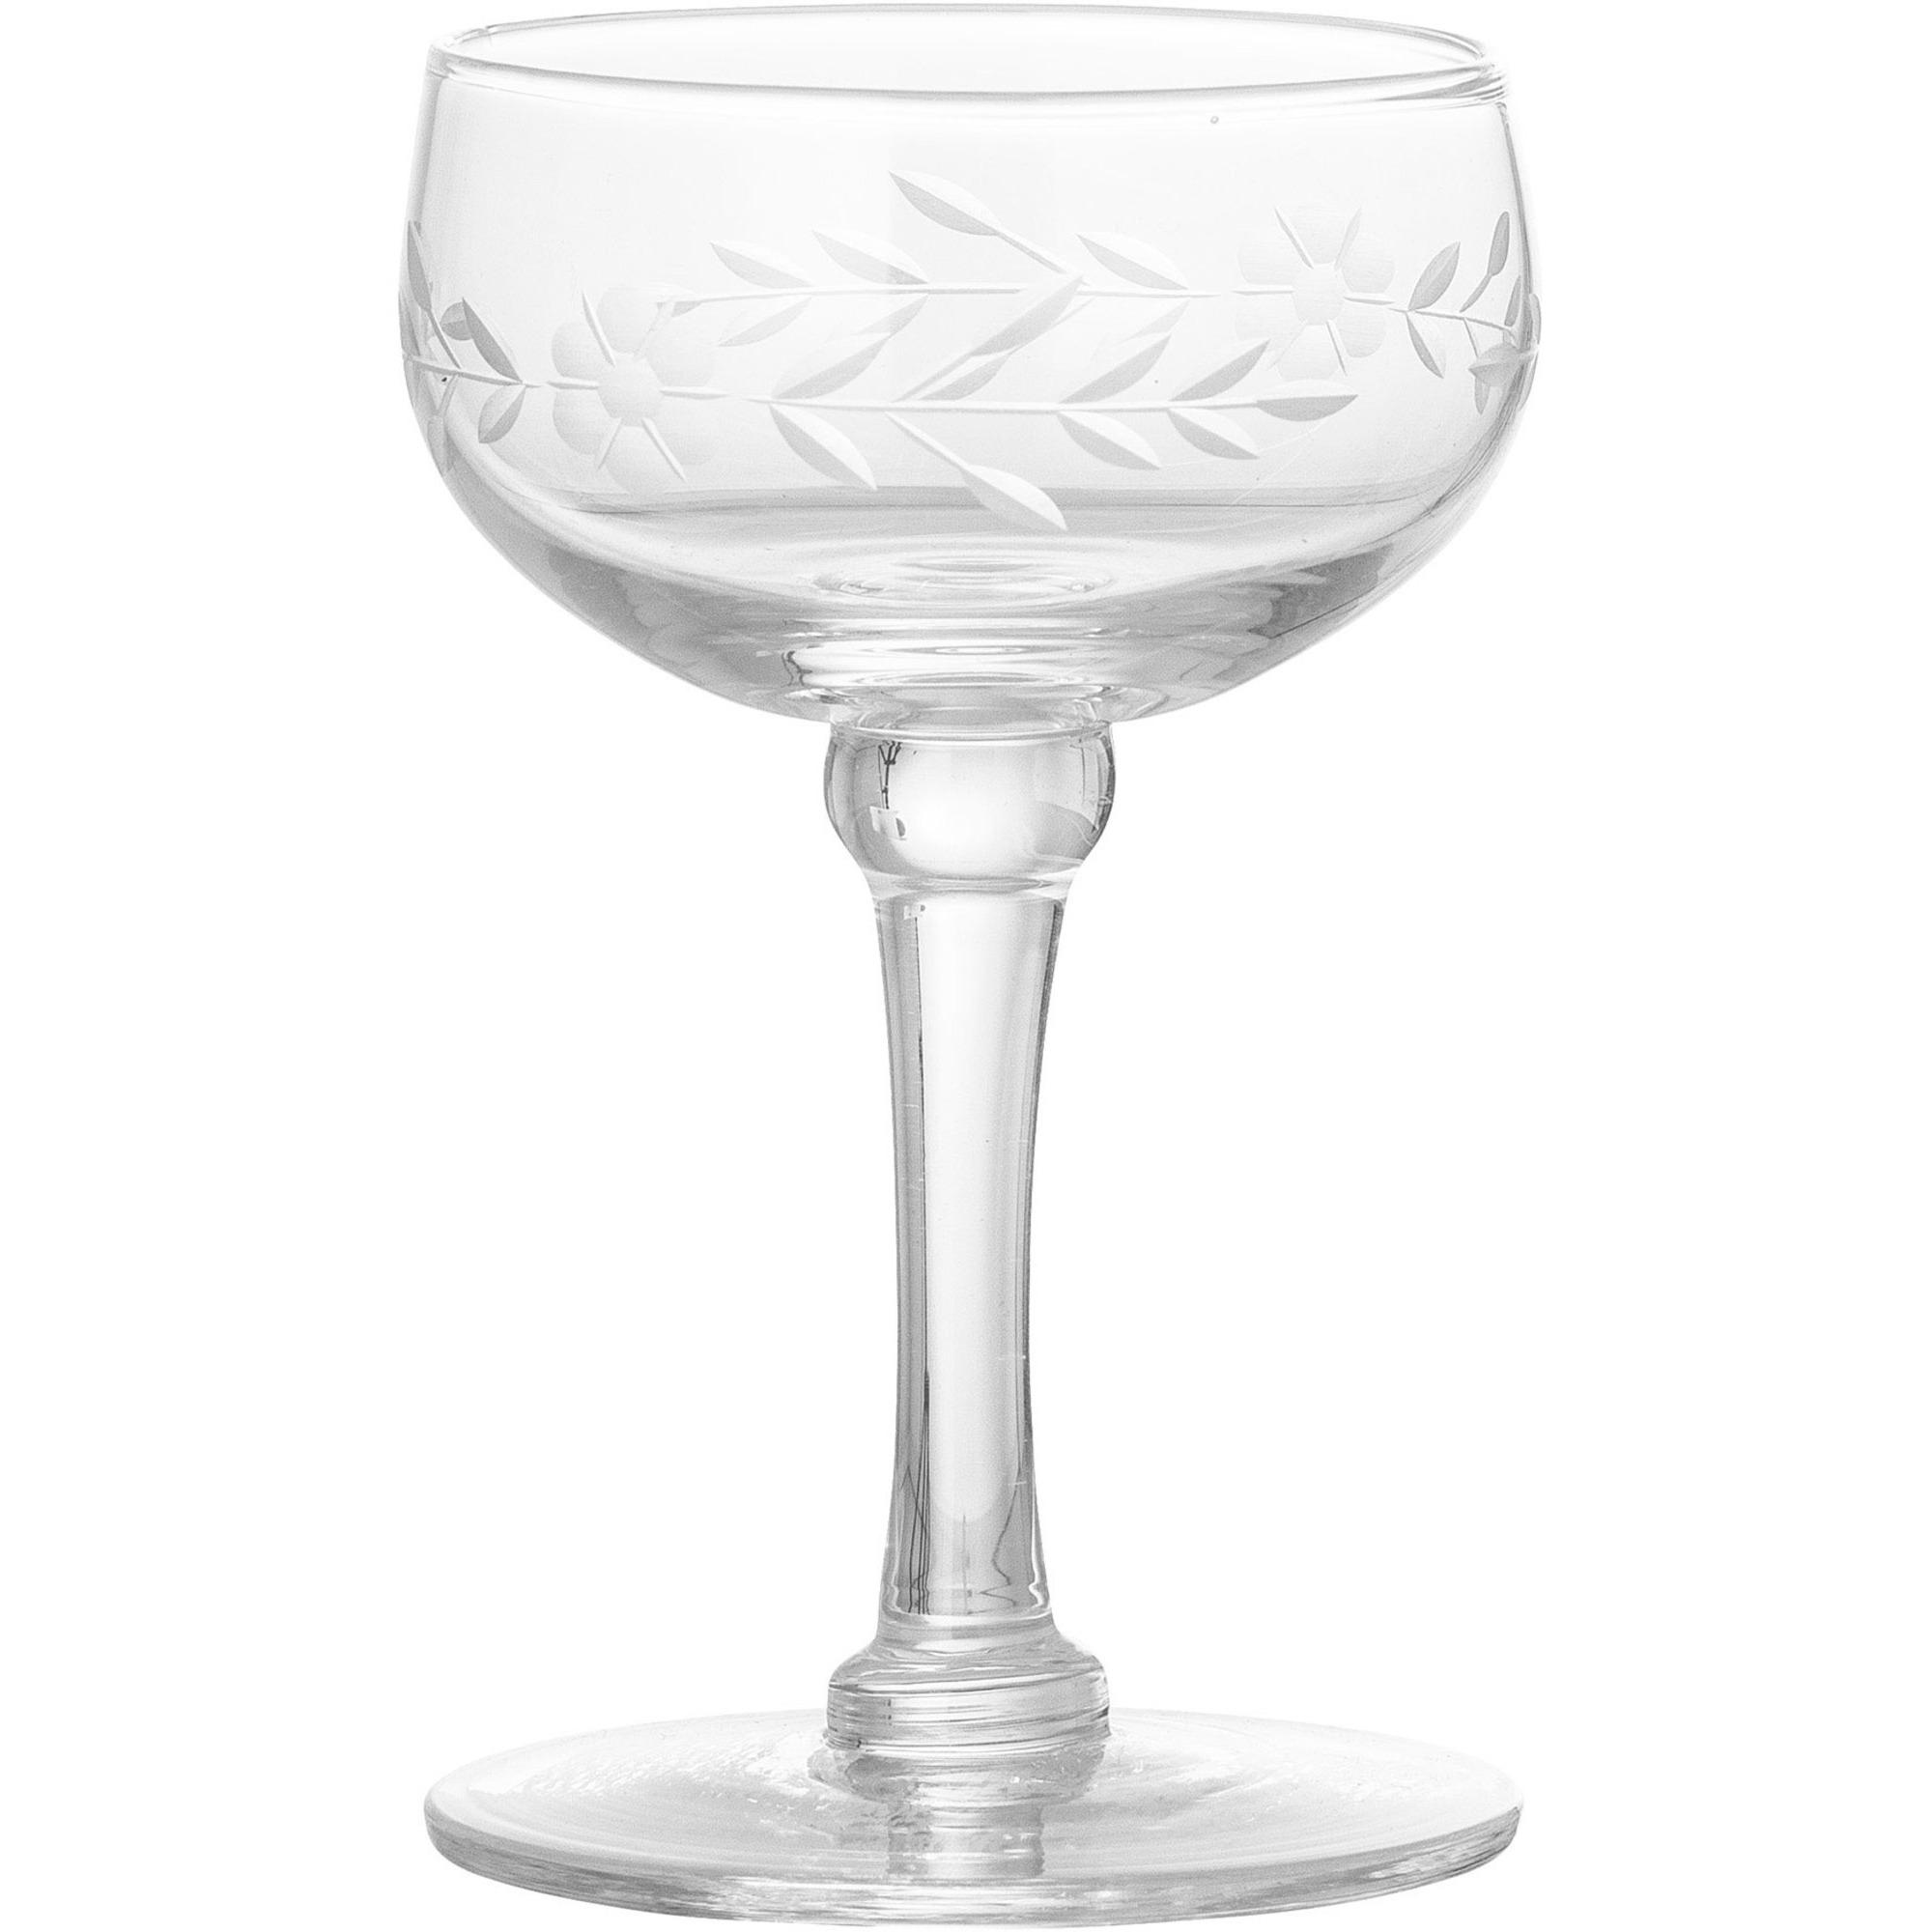 Bloomingville Dessertvinsglas